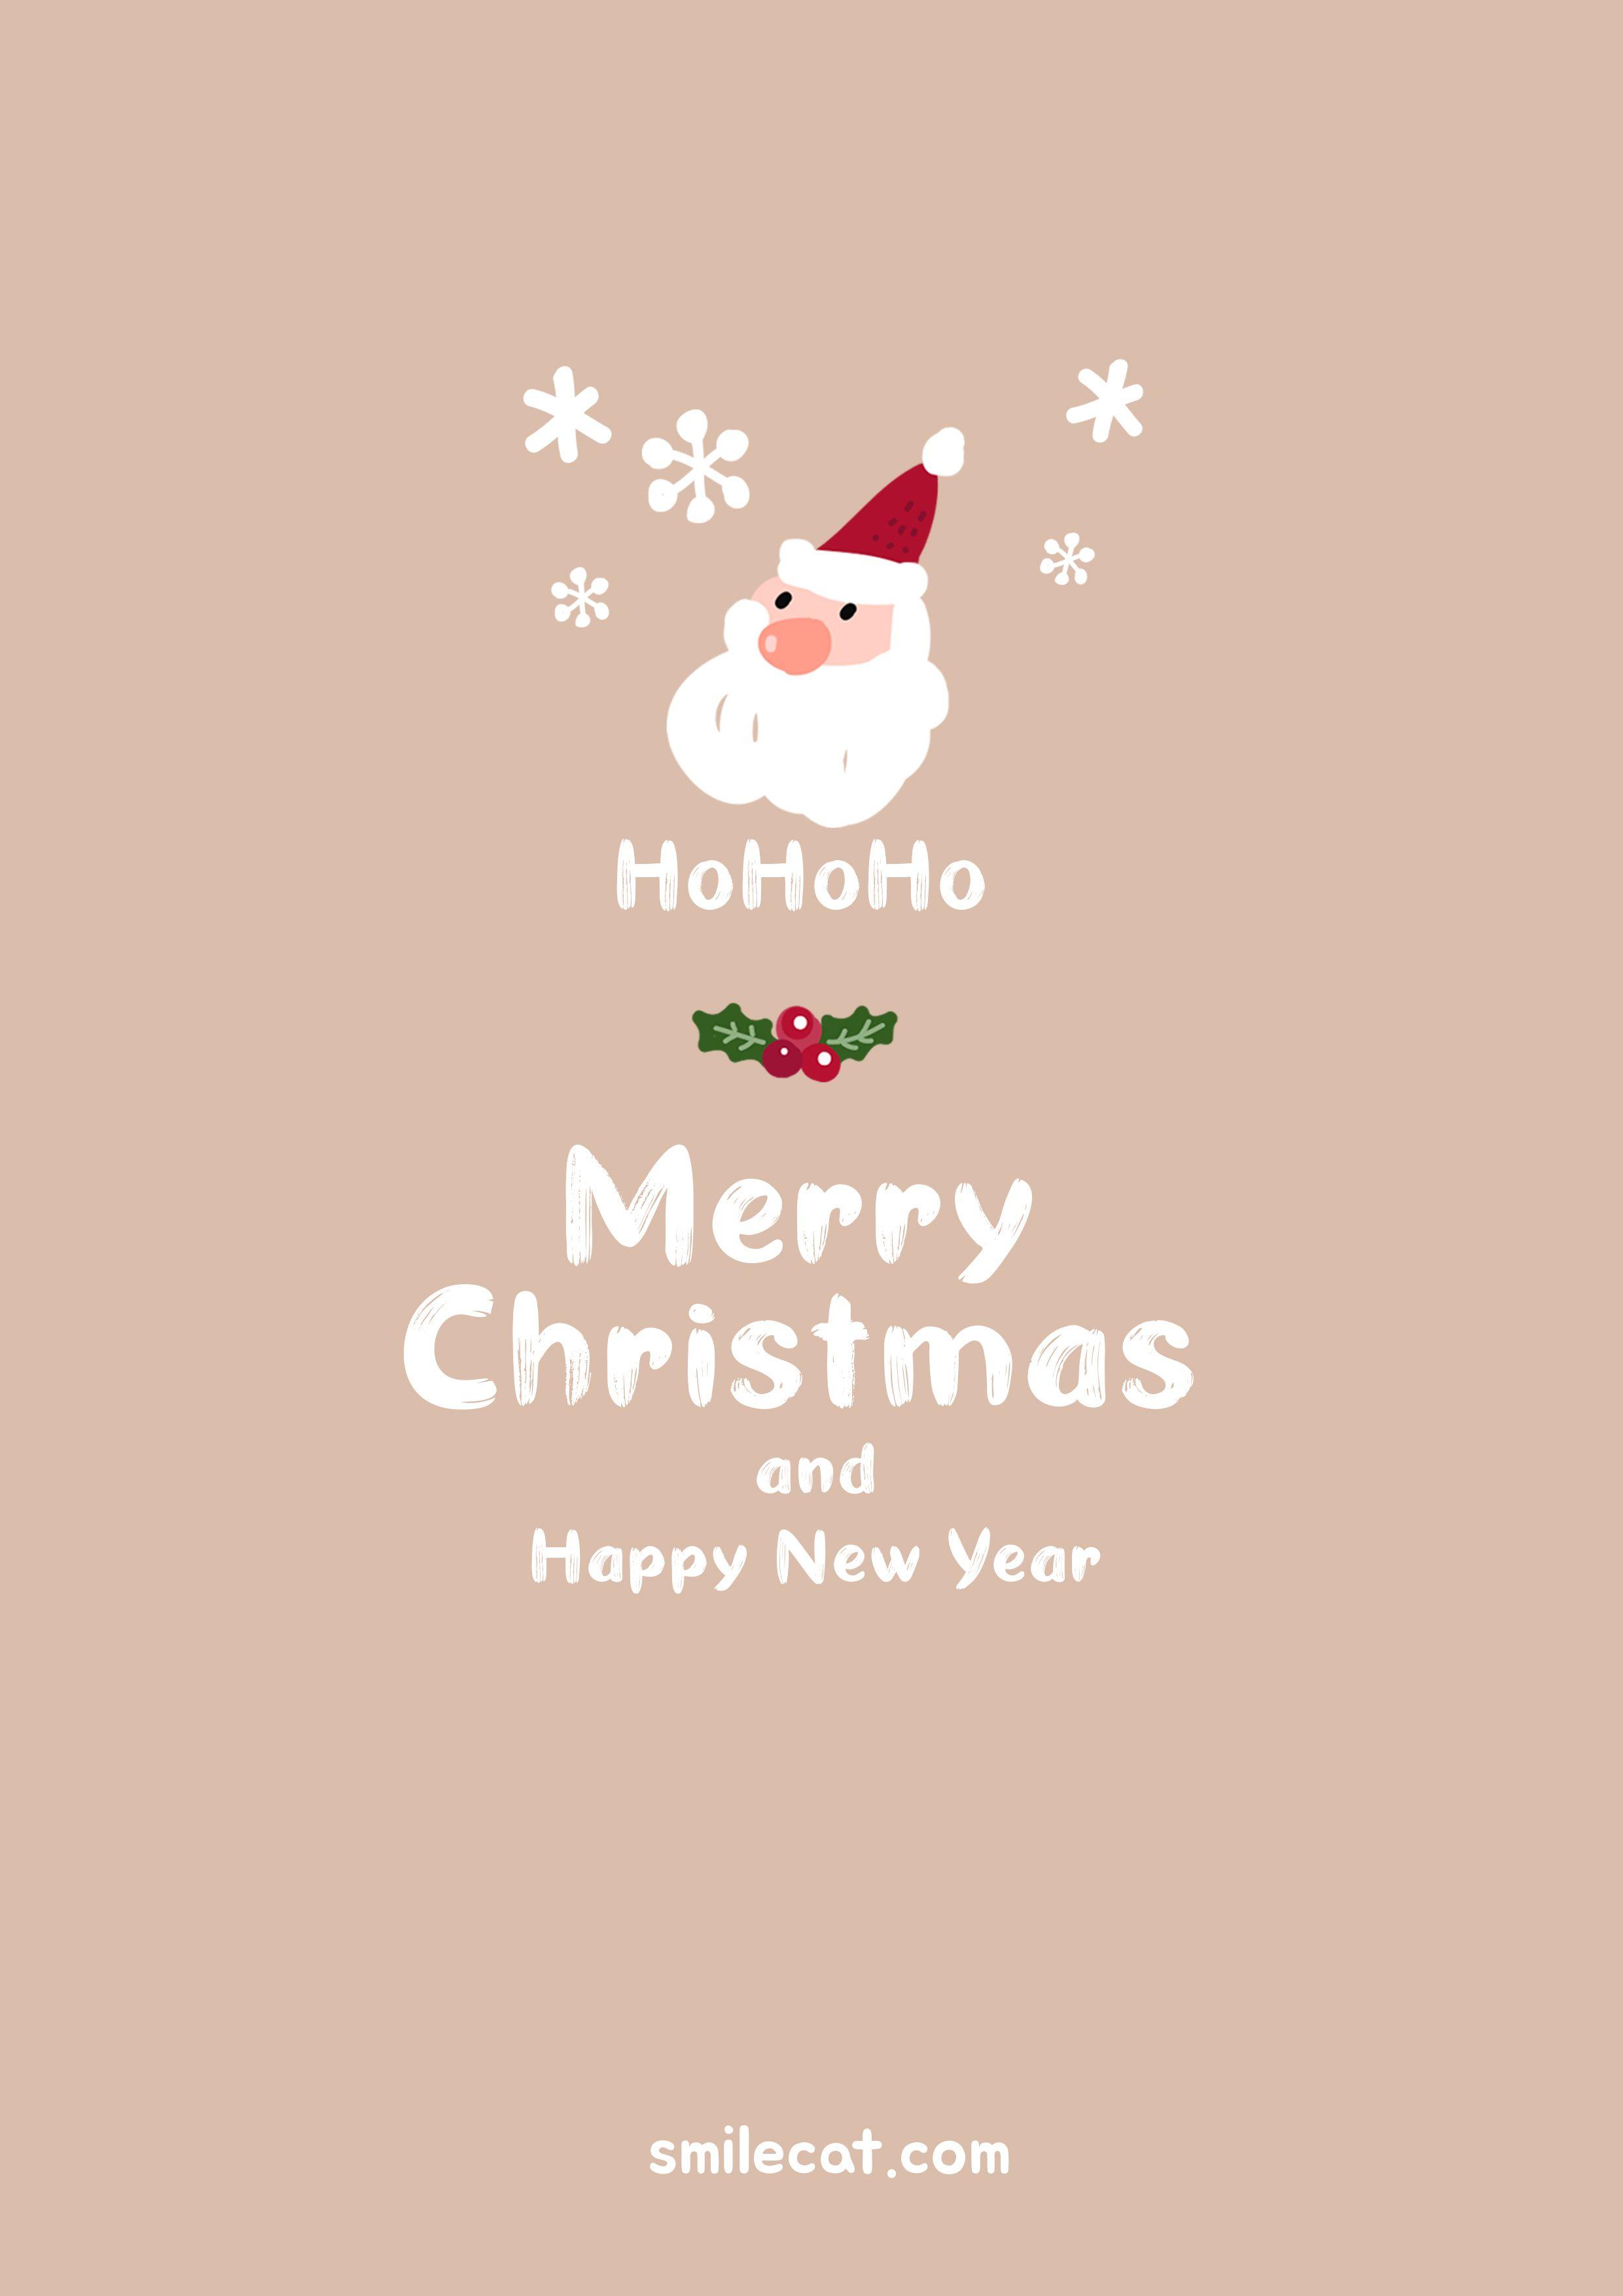 크리스마스 일러스트 배경화면 크리스마스 크리스마스 카드 크리스마스 크리스마스 배경화면